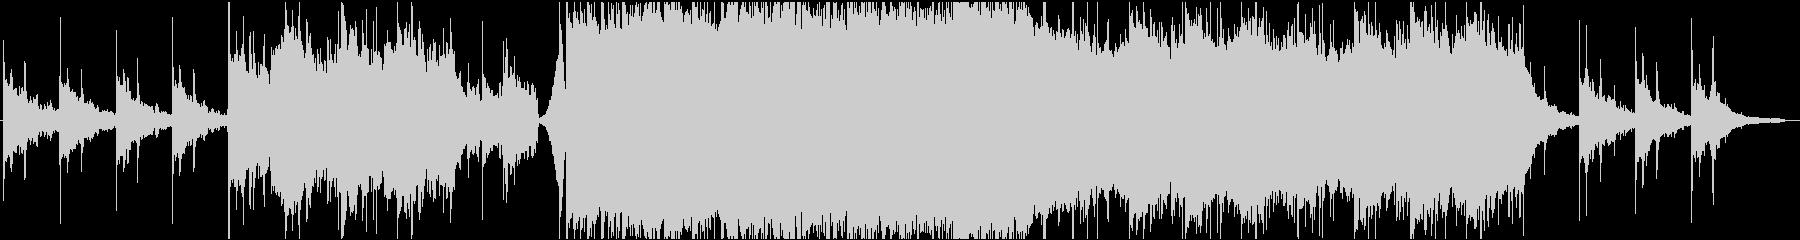 エモロック系インスト 幻想的な雰囲気の未再生の波形